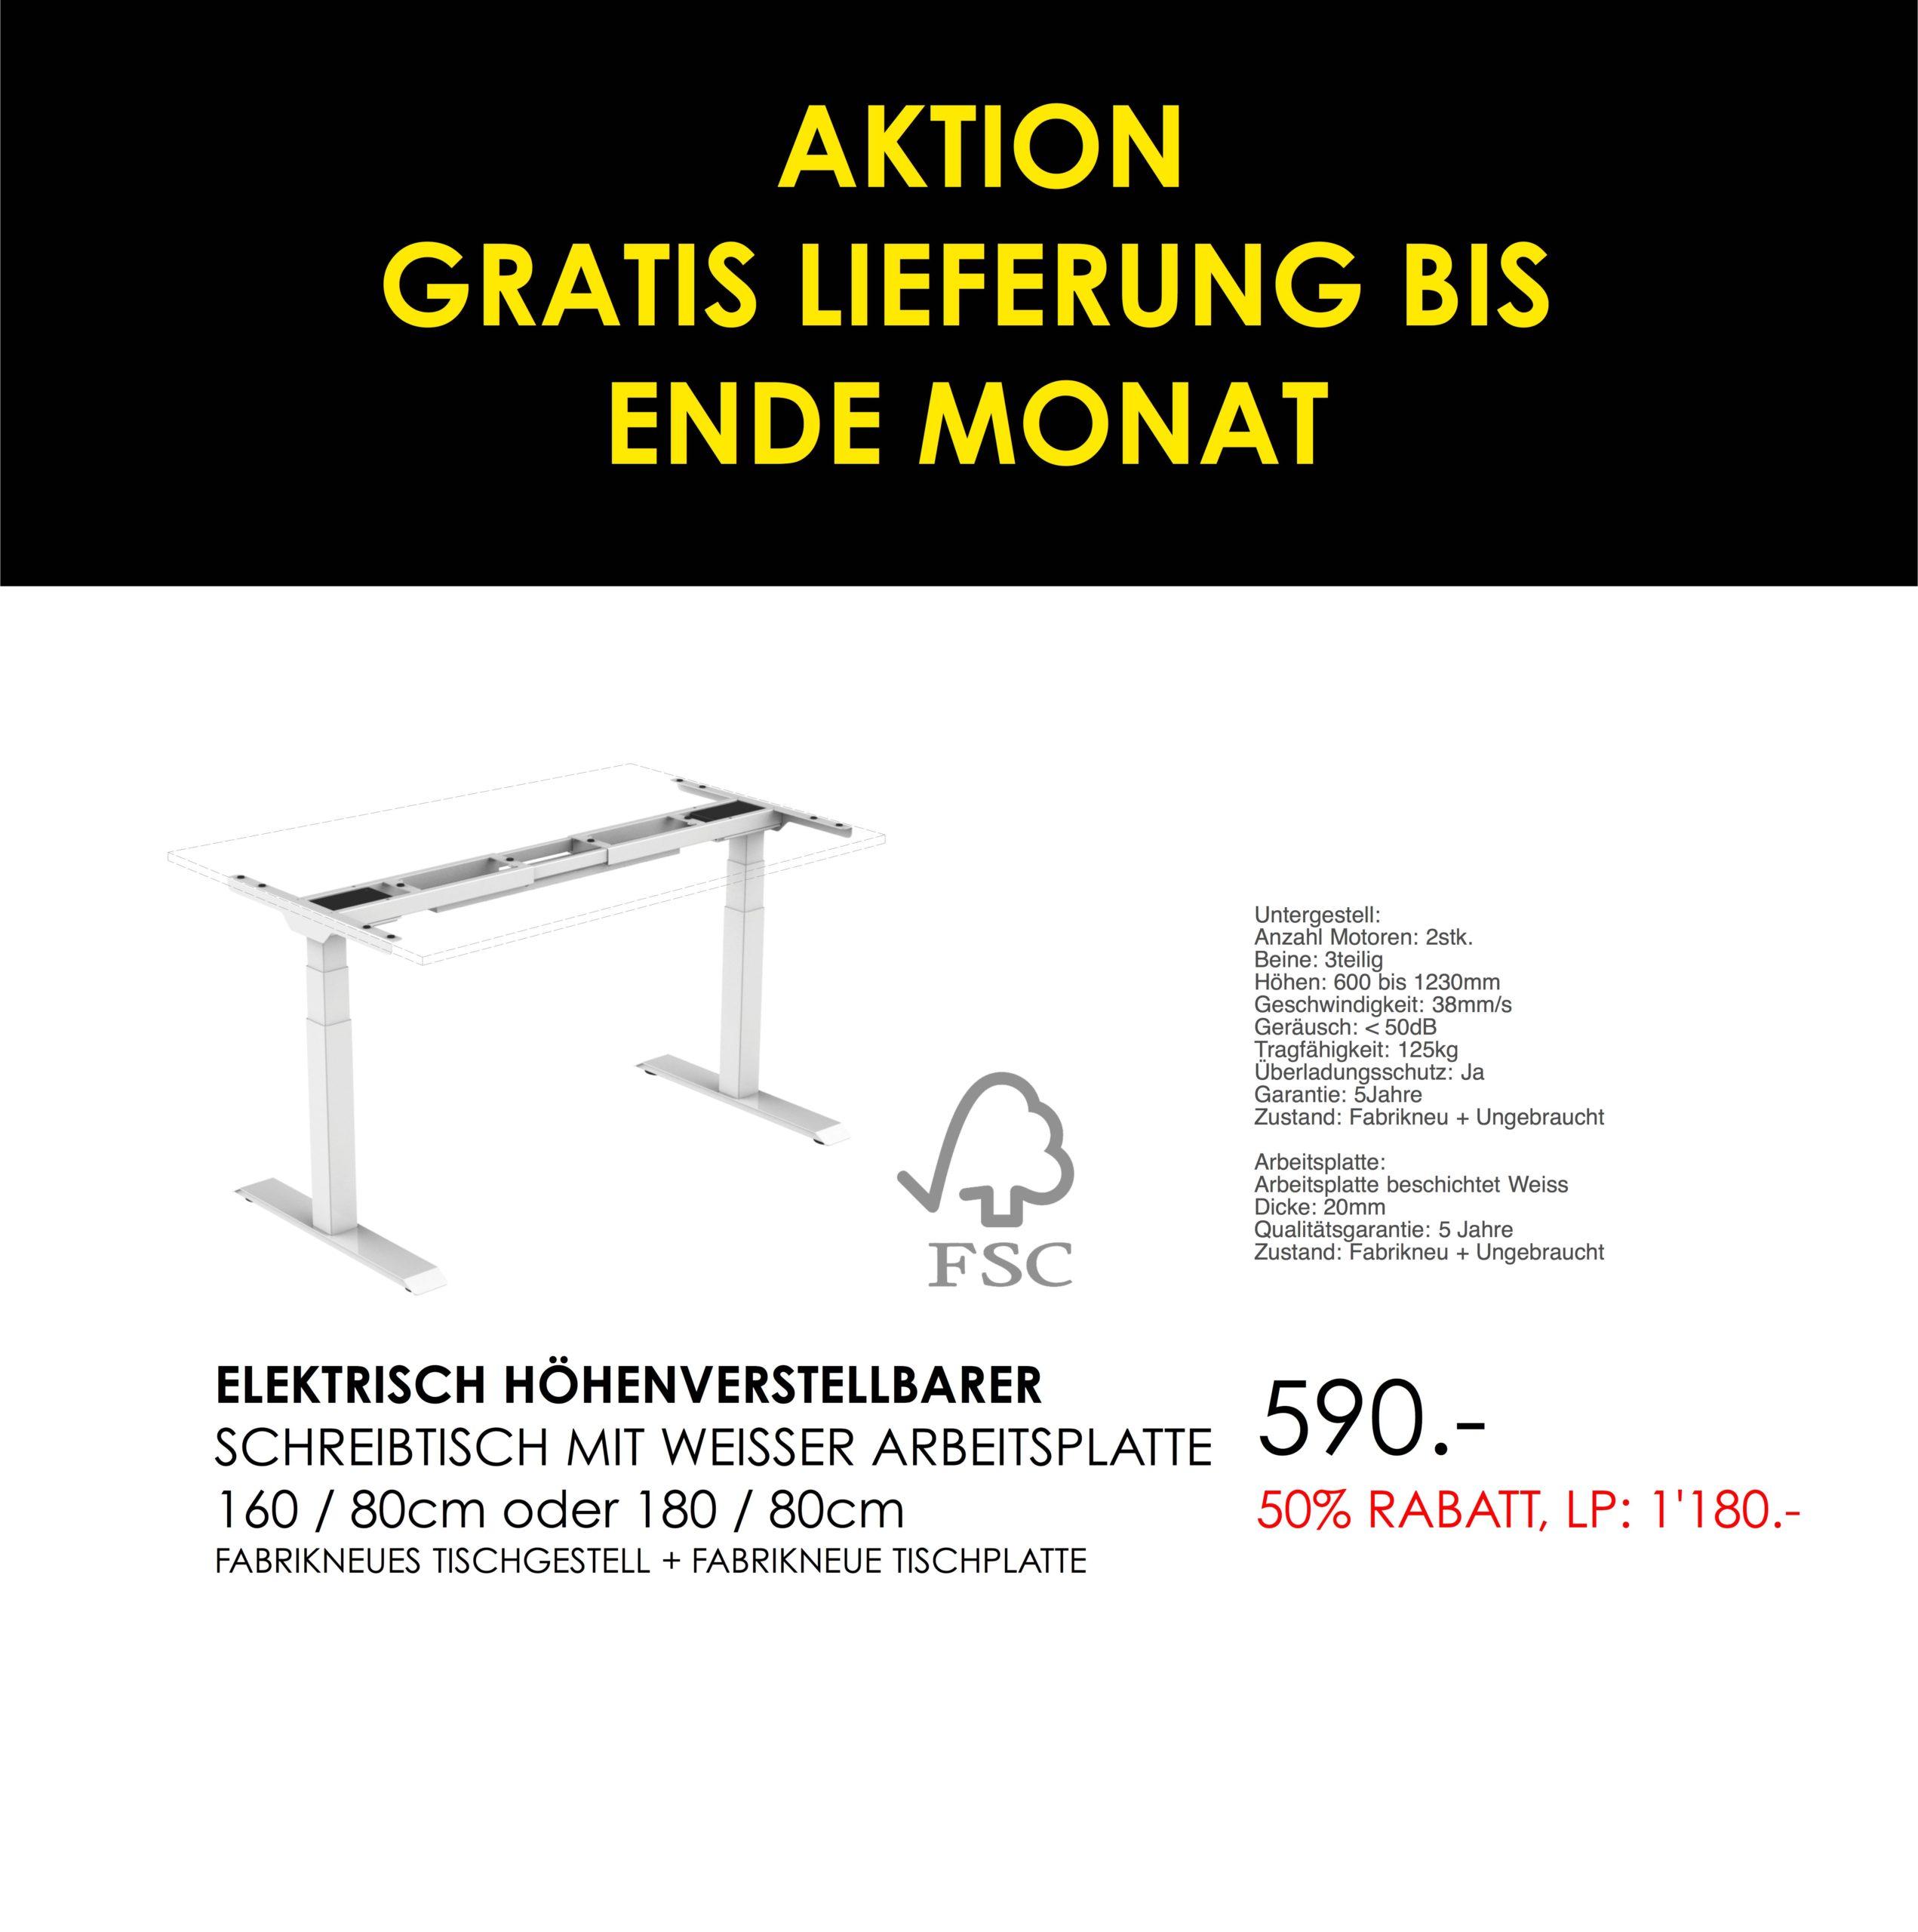 AKTION_Werbung elektrisch höhenverstellbar